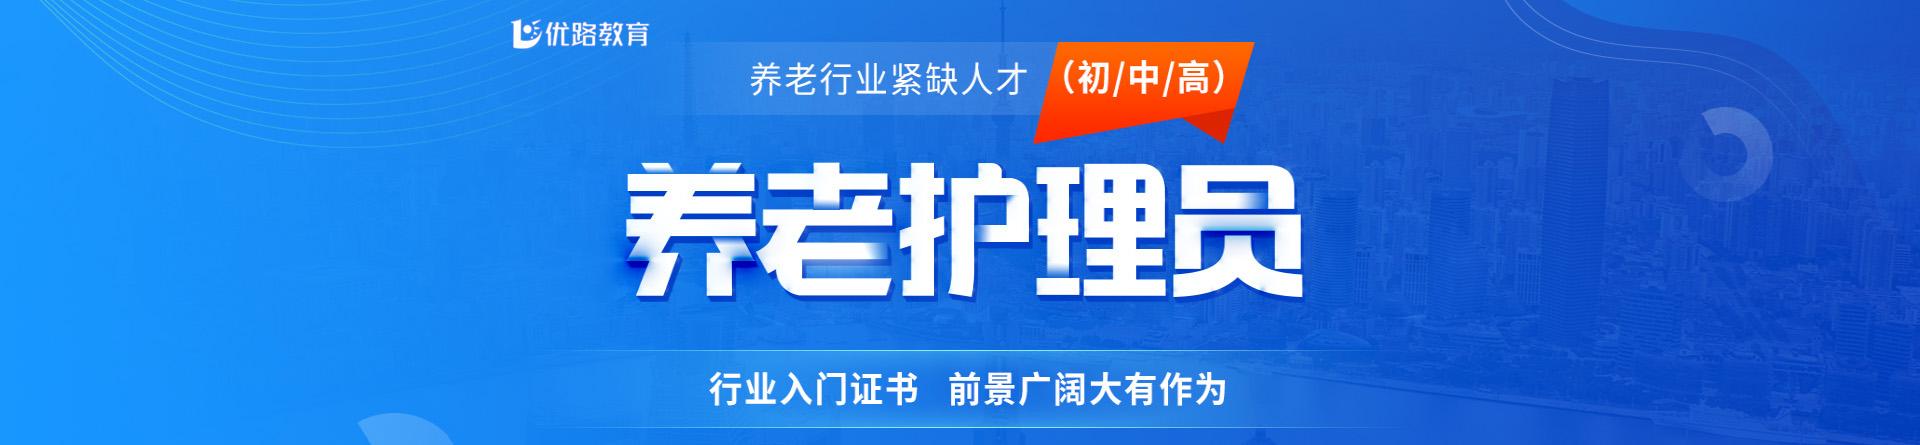 宁夏吴忠优路教育培训学校